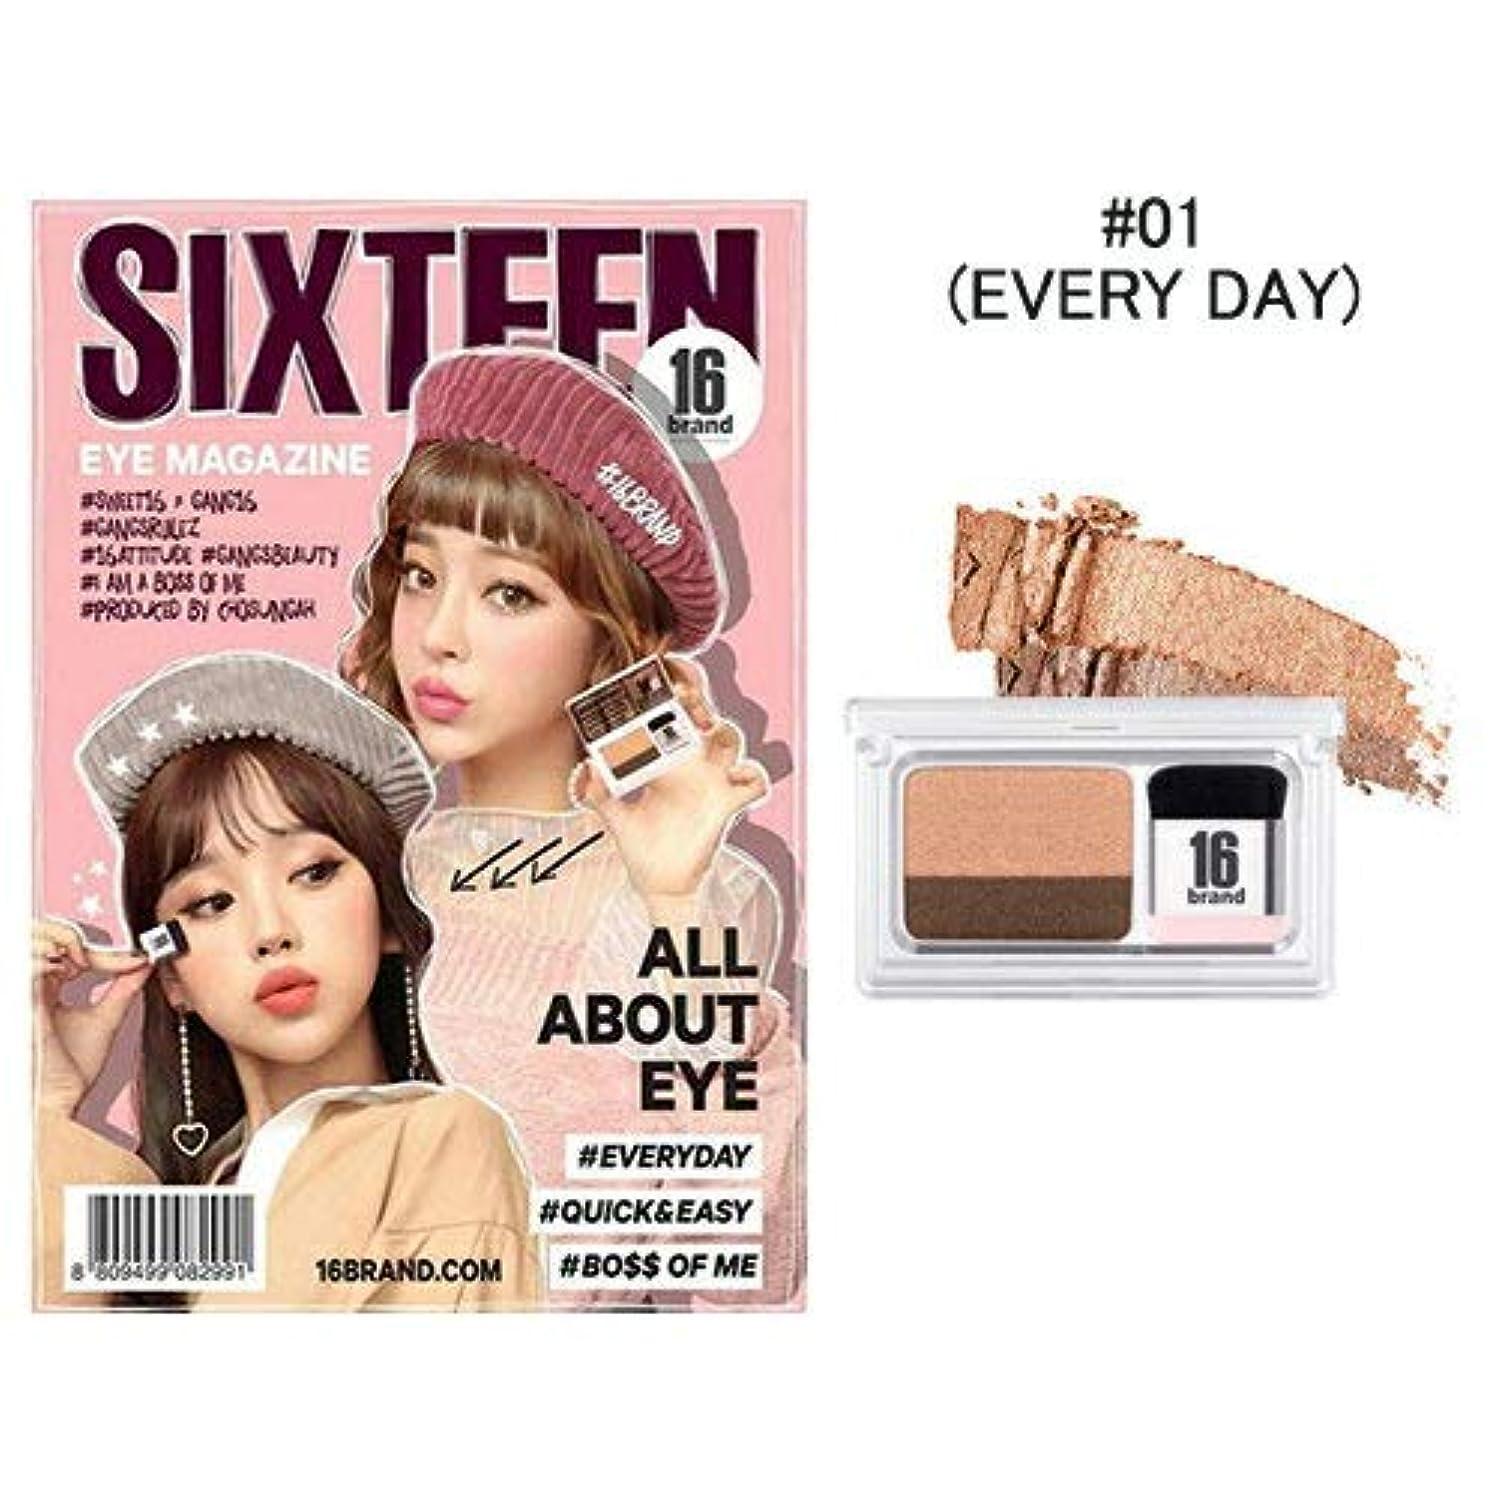 悪化するマトロン黒人[New Color] 16brand Sixteen Eye Magazine 2g /16ブランド シックスティーン アイ マガジン 2g (#01 EVERY DAY) [並行輸入品]